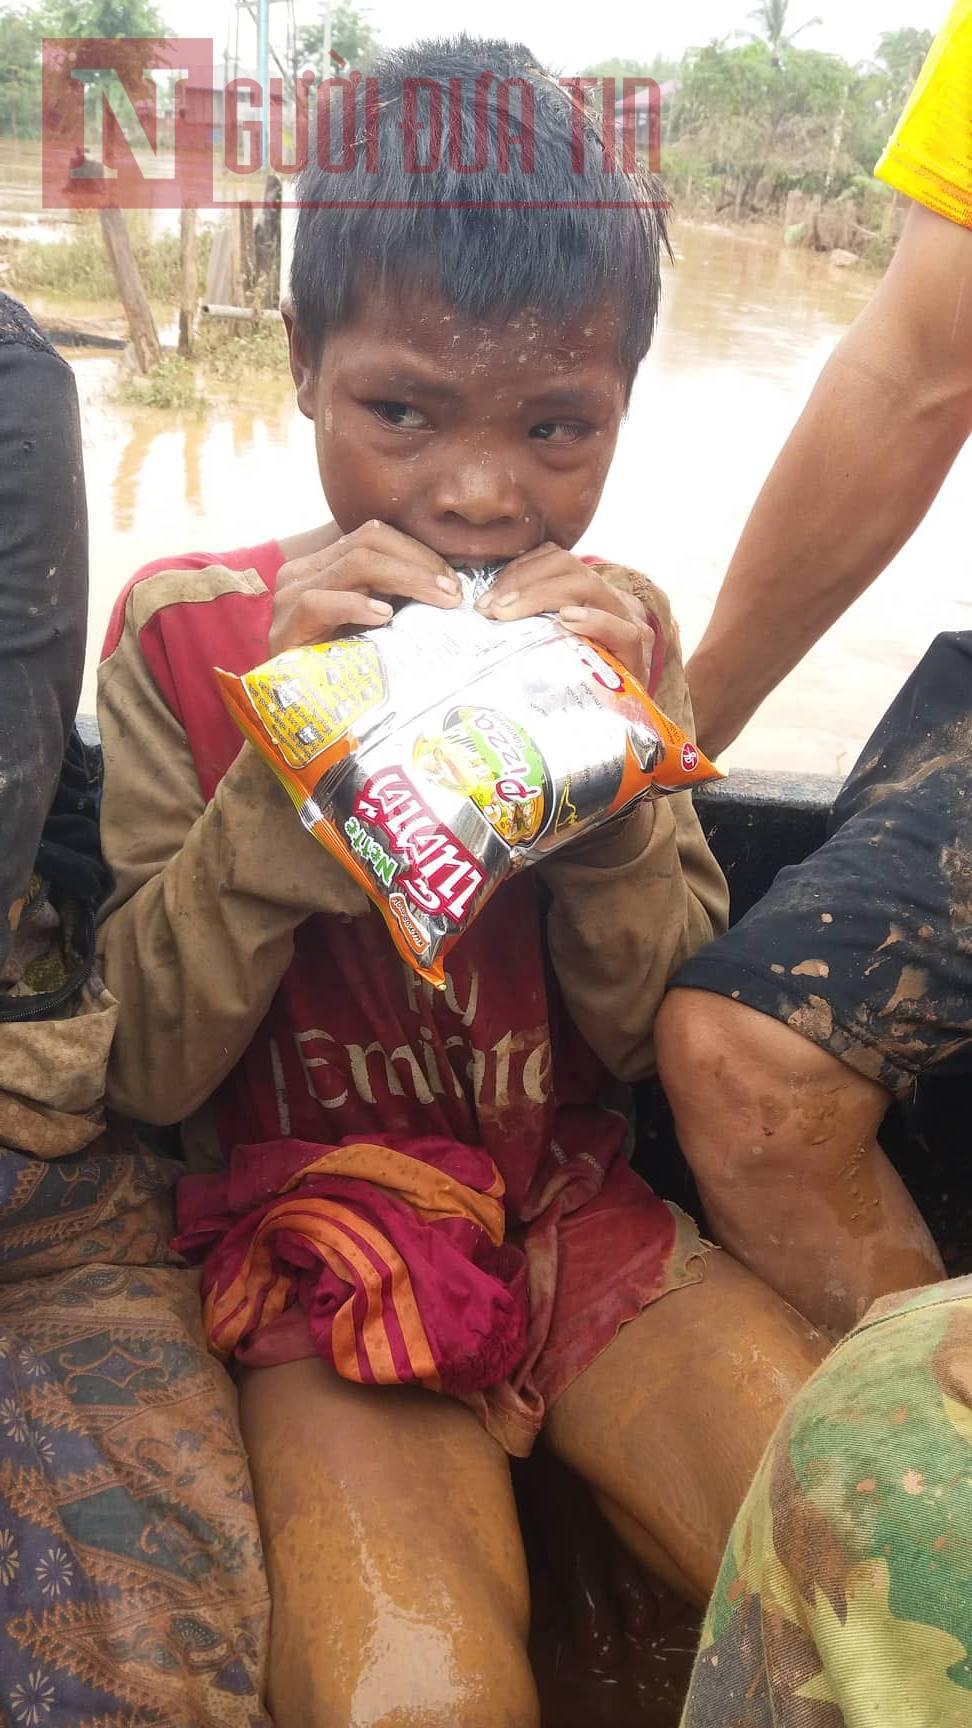 Vỡ đập thủy điện Lào: Cận cảnh công tác cứu hộ tại nơi cơn lũ vừa càn quét - Ảnh 4